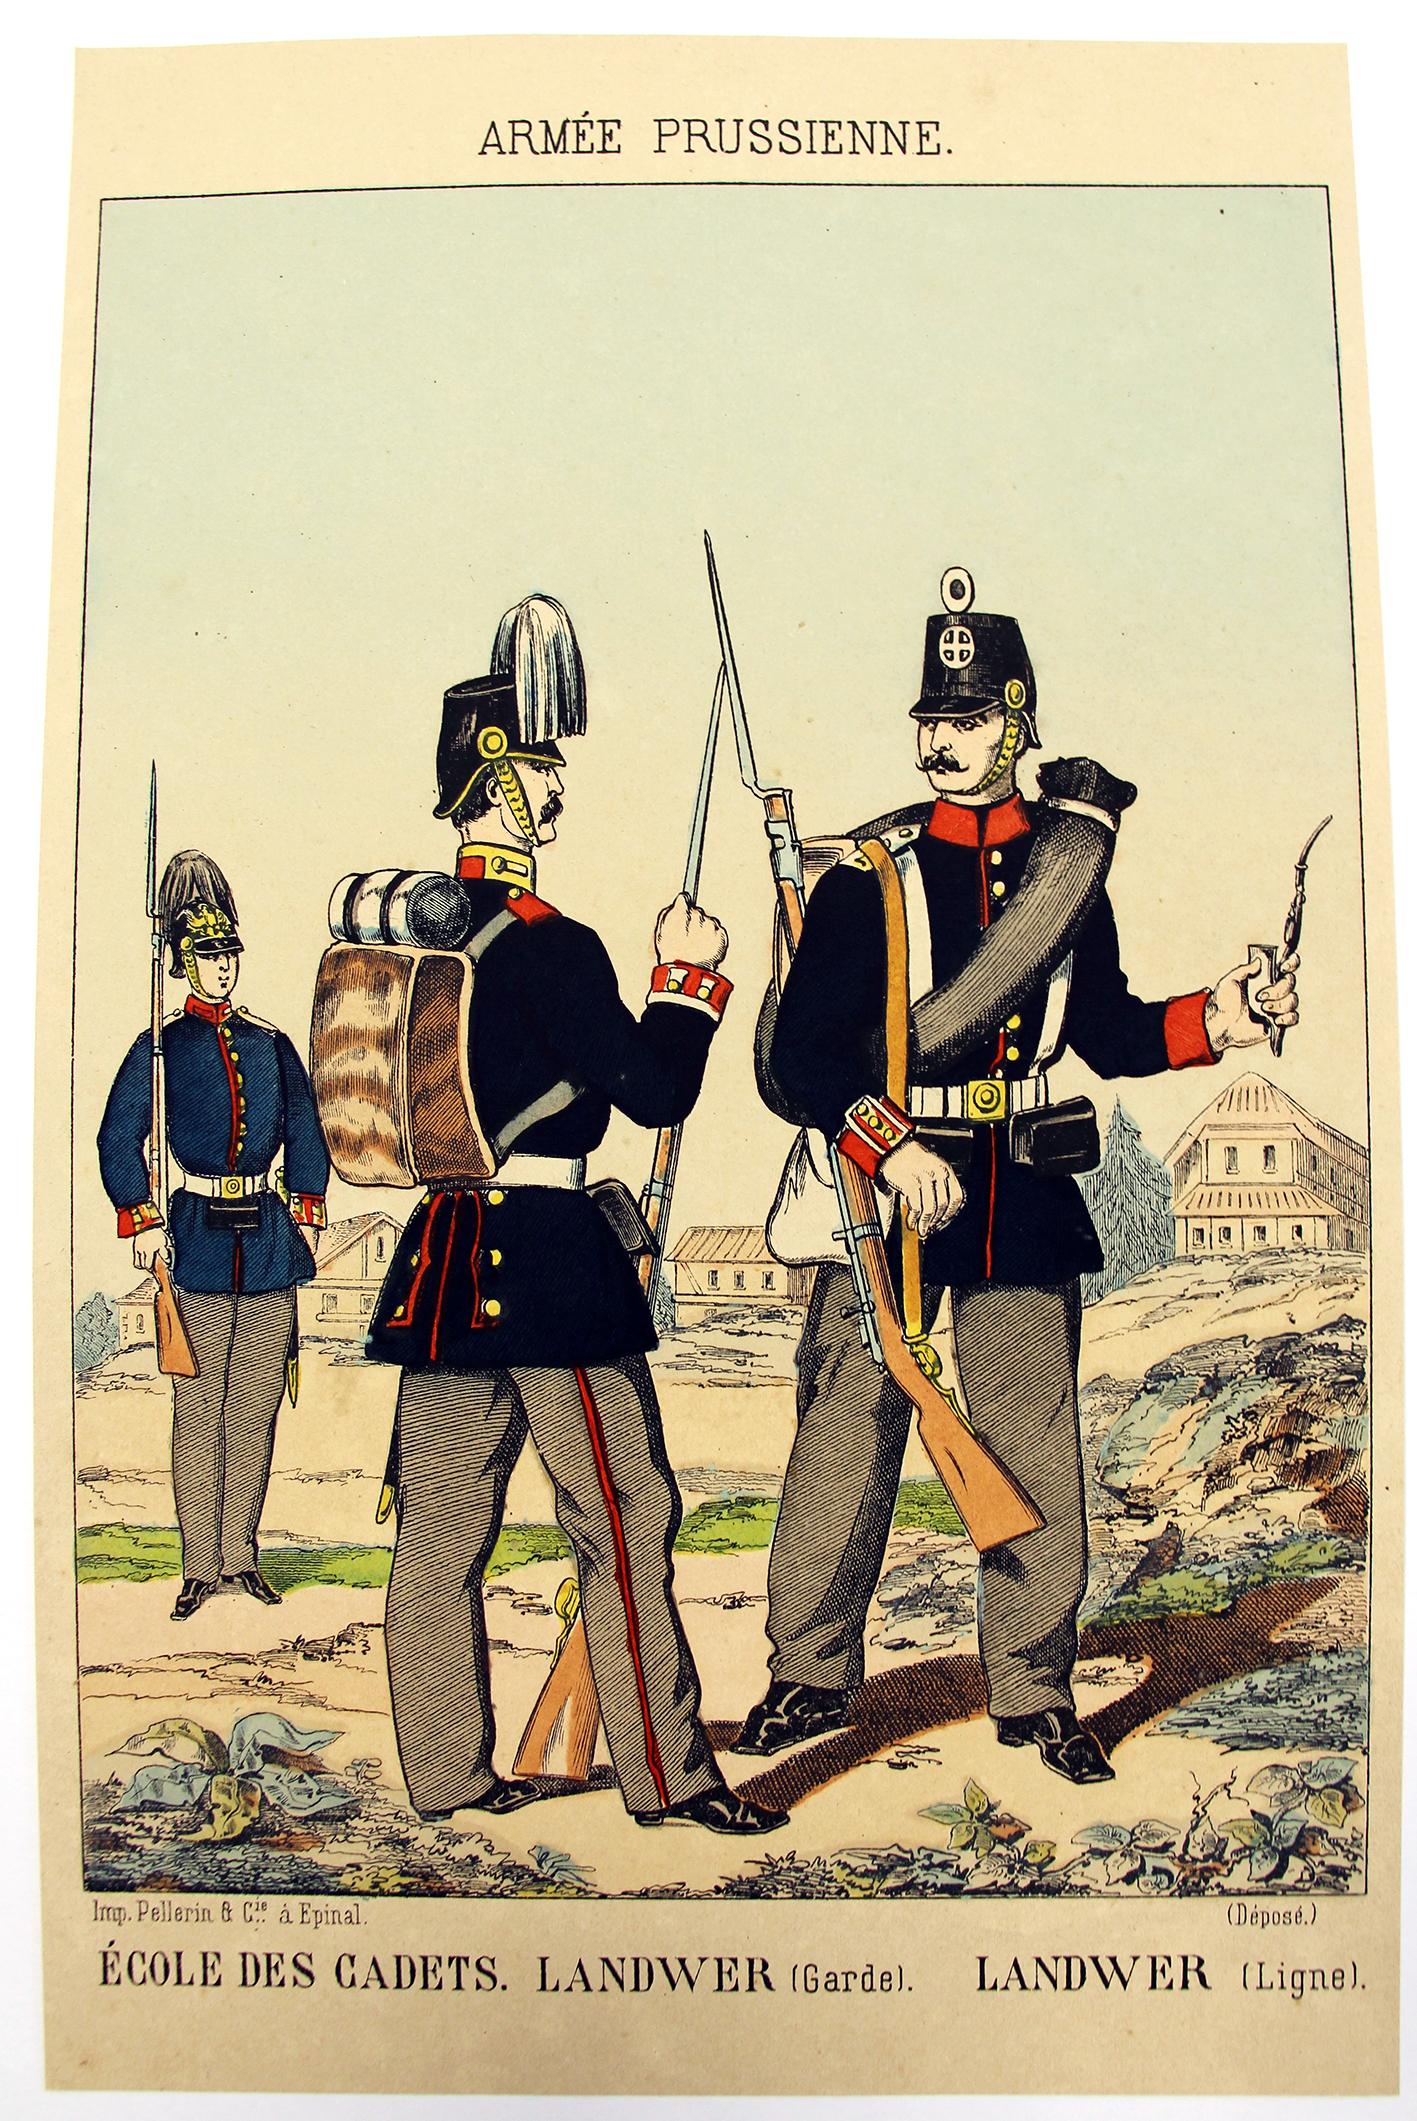 4 Gravures - Uniforme Prusse - Armée Second Empire - 1870 - Uniformes - Imagerie Epinal Pellerin - Imagerie Populaire -